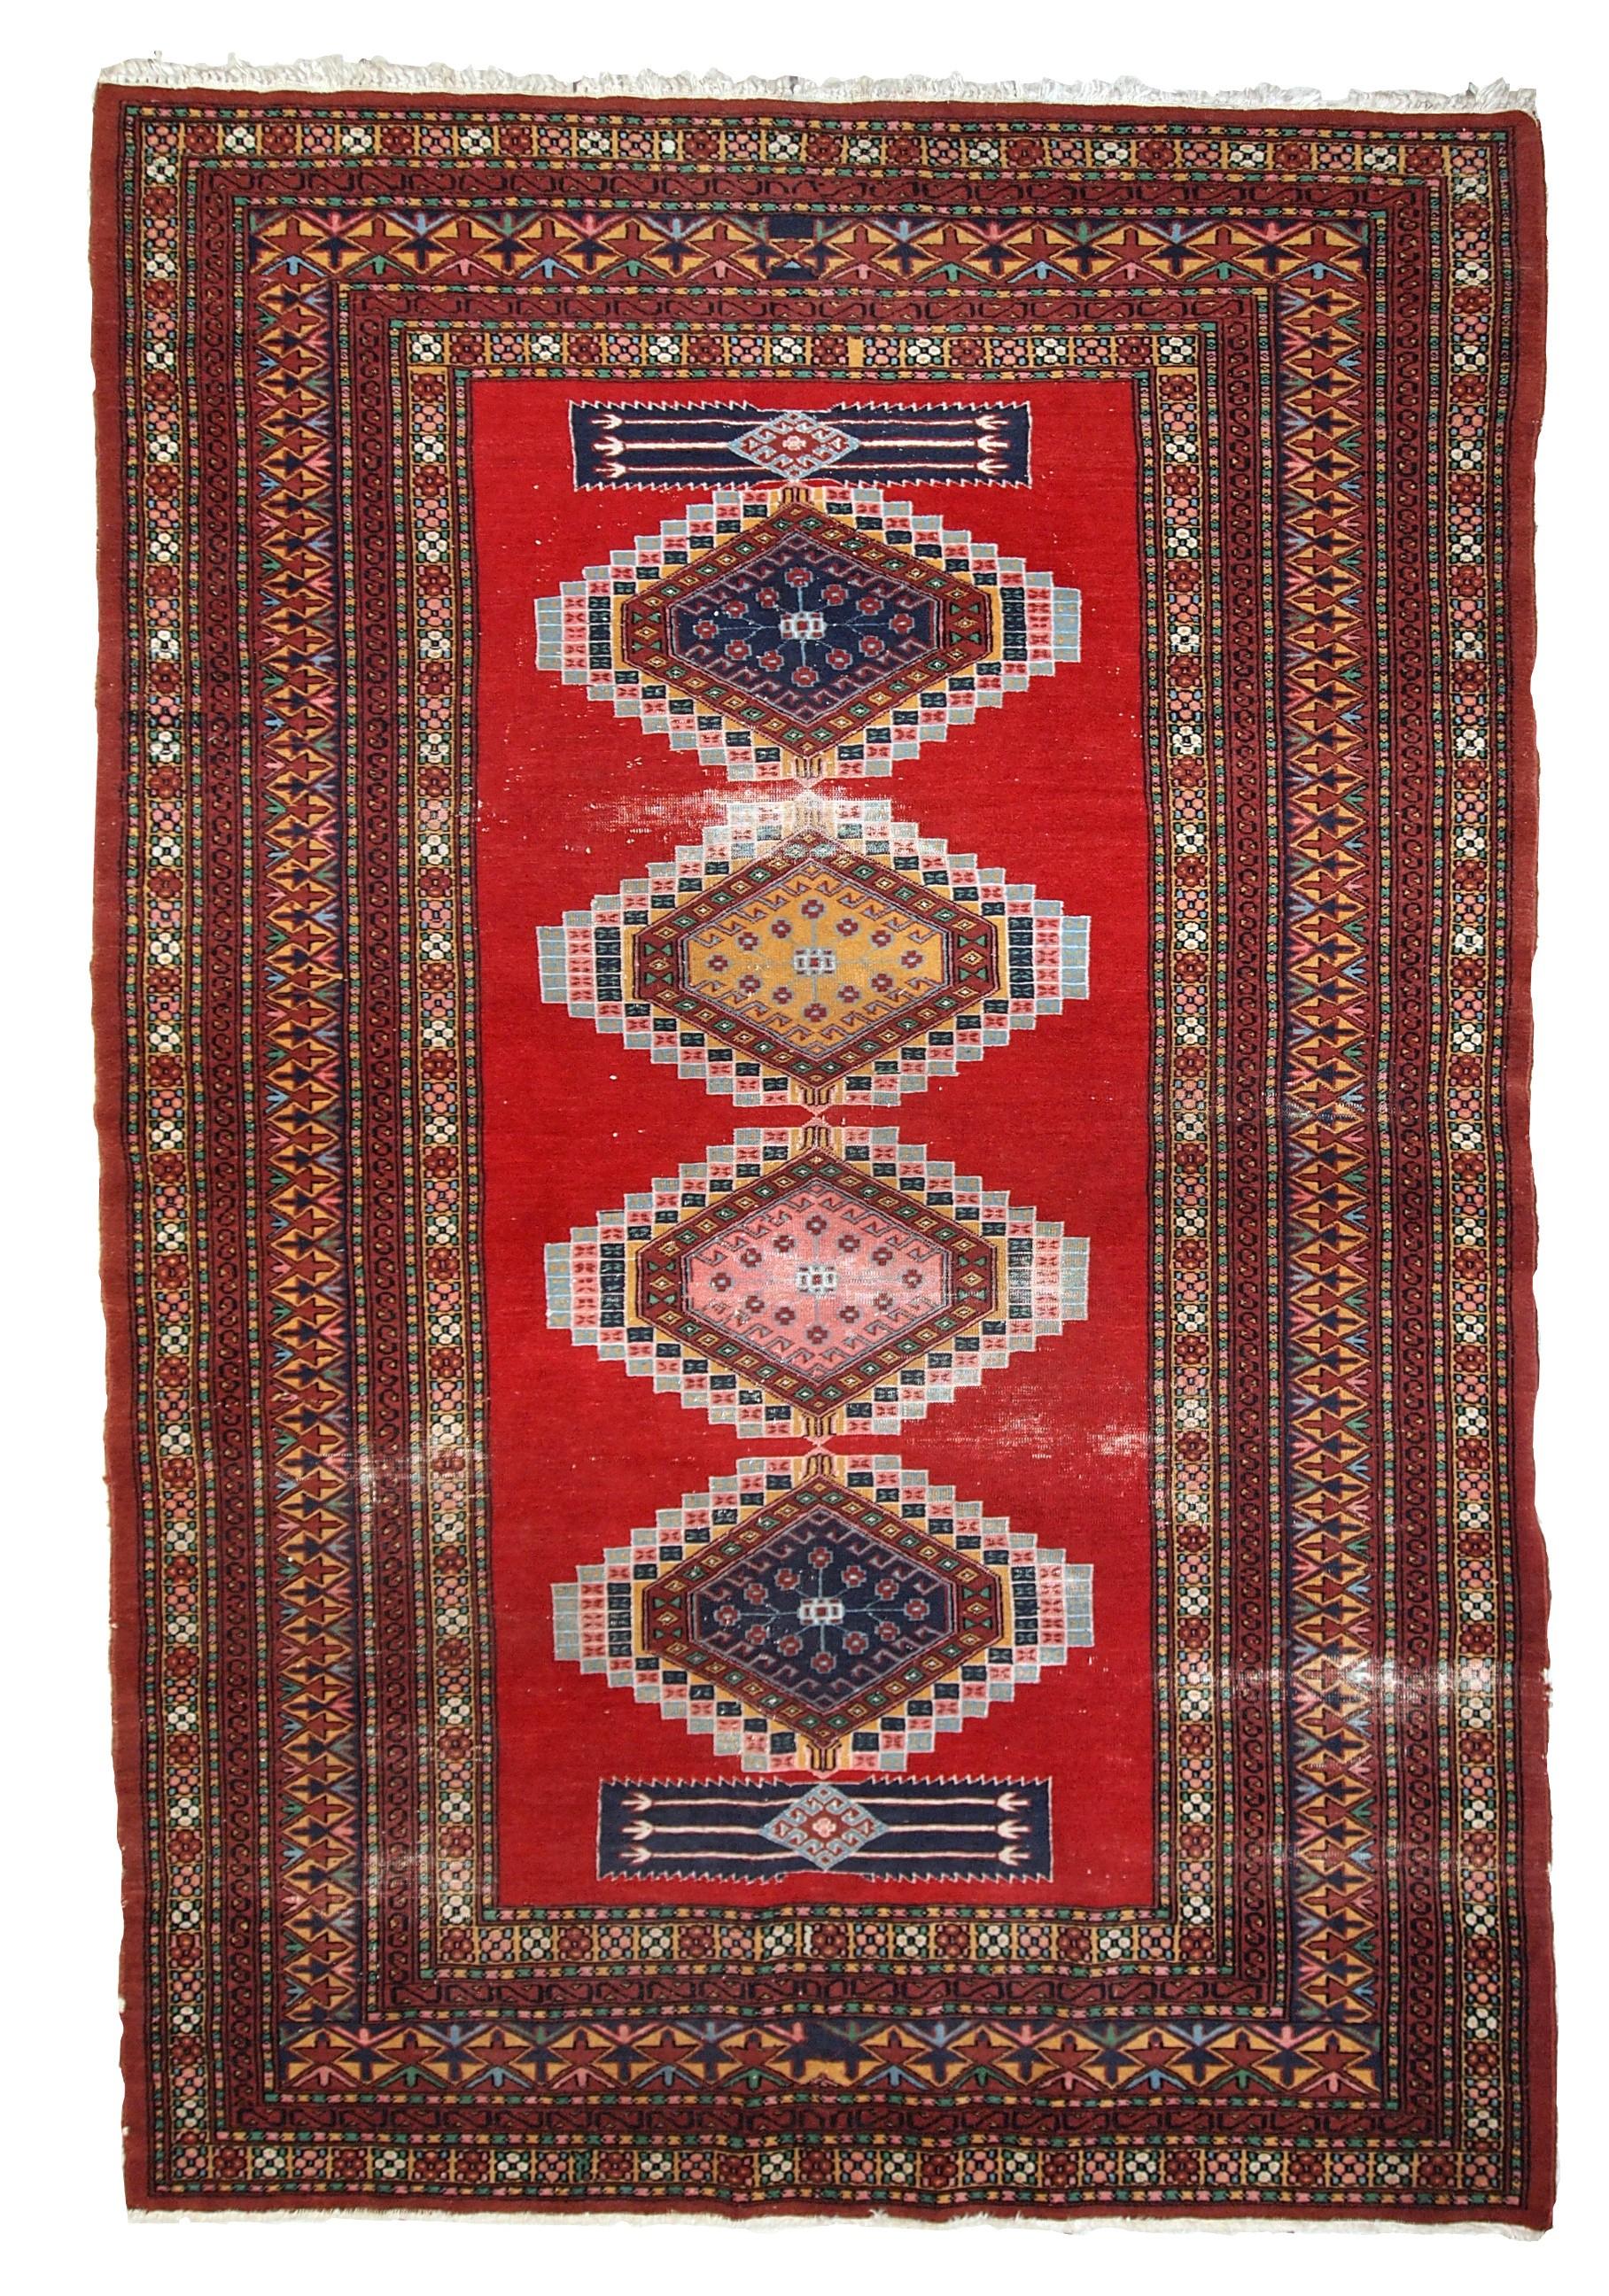 Handmade Vintage Distressed Uzbek Bukhara Rug